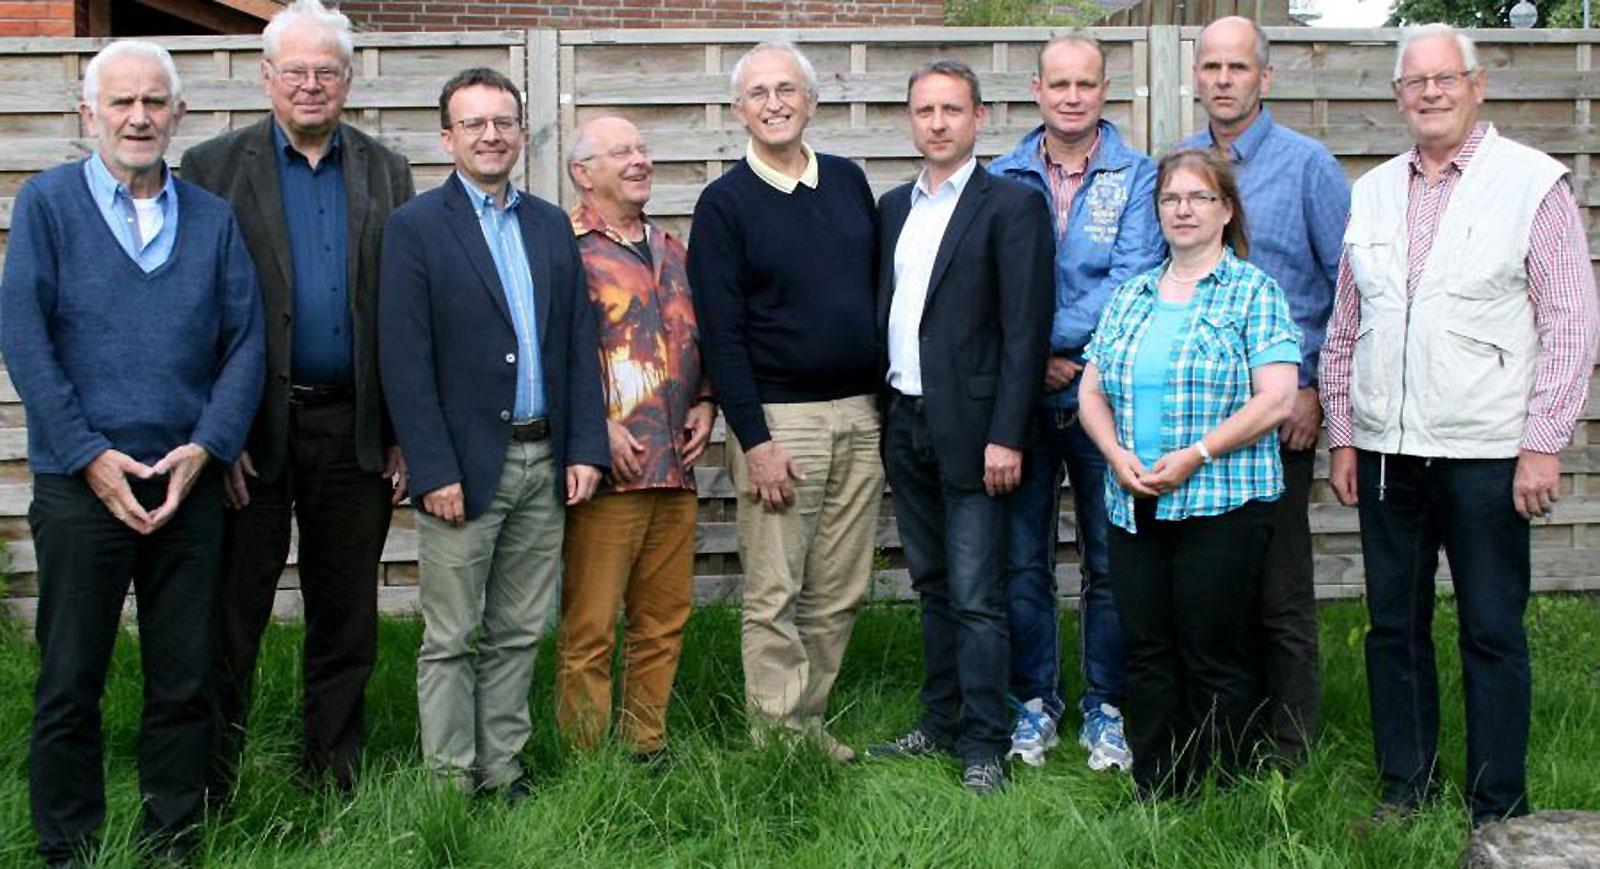 Die Kandidaten für die Wahl zum Kreistag (Wählergemeinschaft Landkreis Harburg - WG)